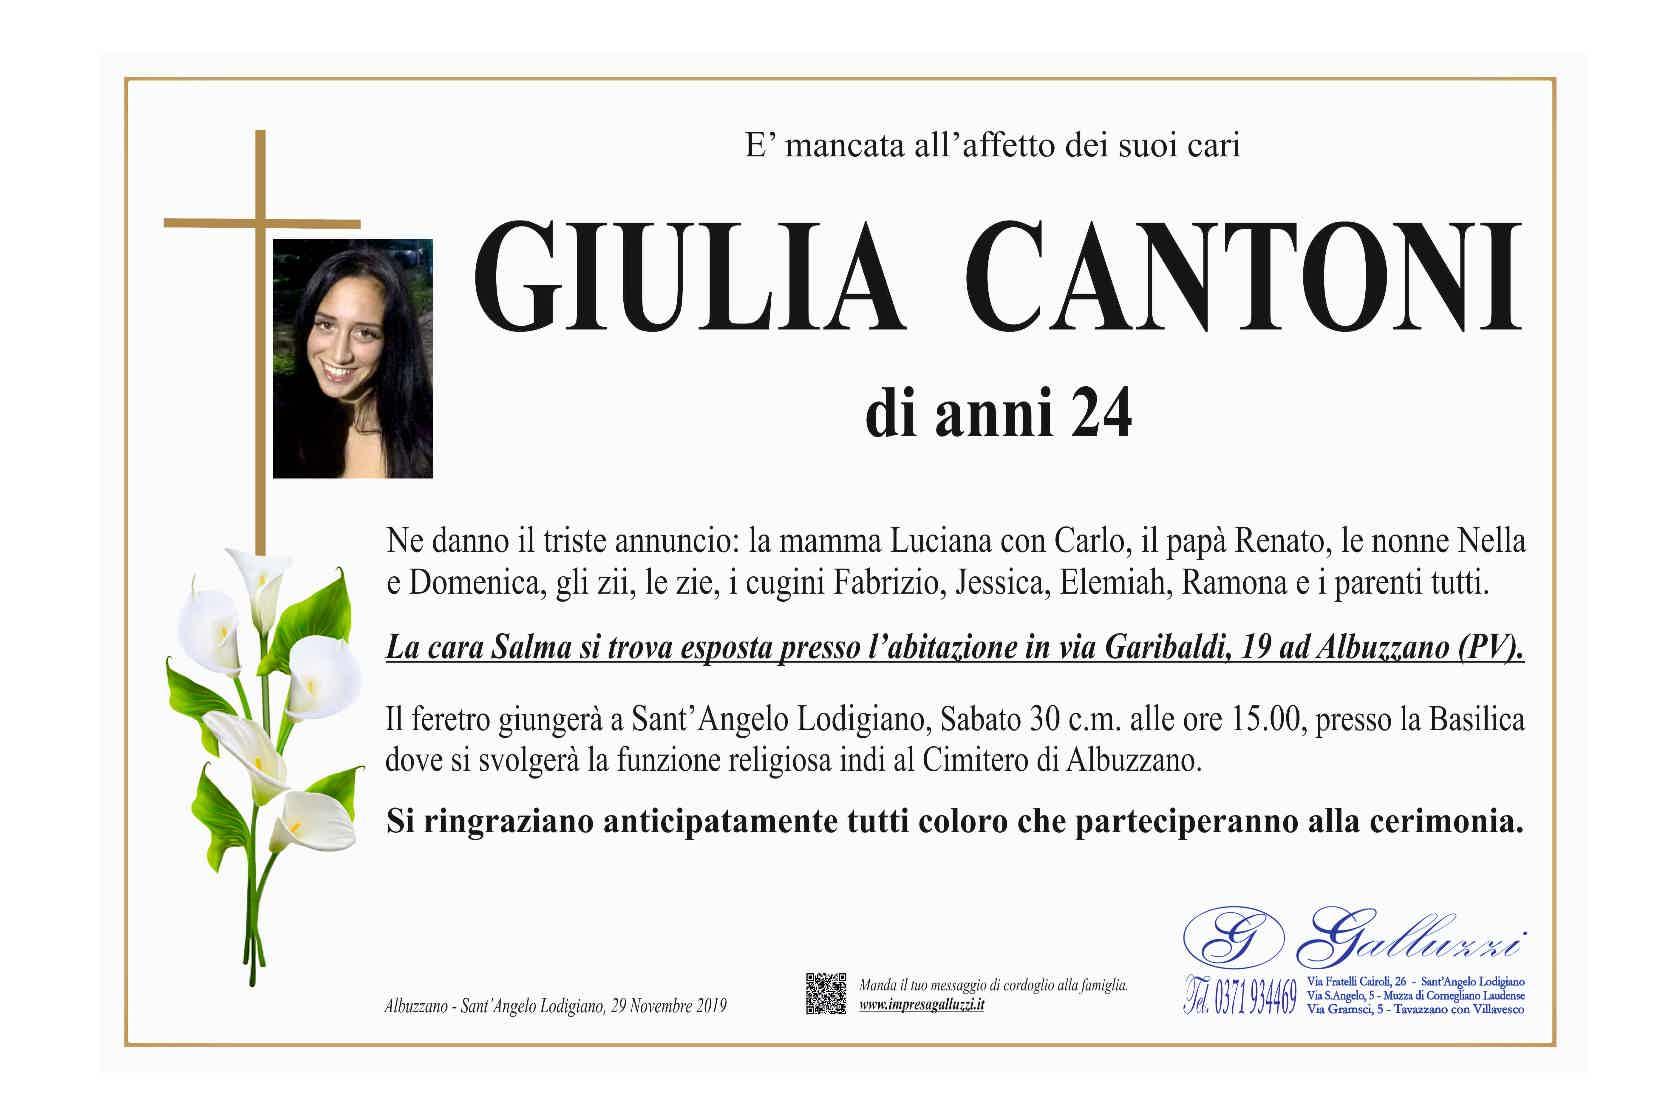 Giulia Cantoni